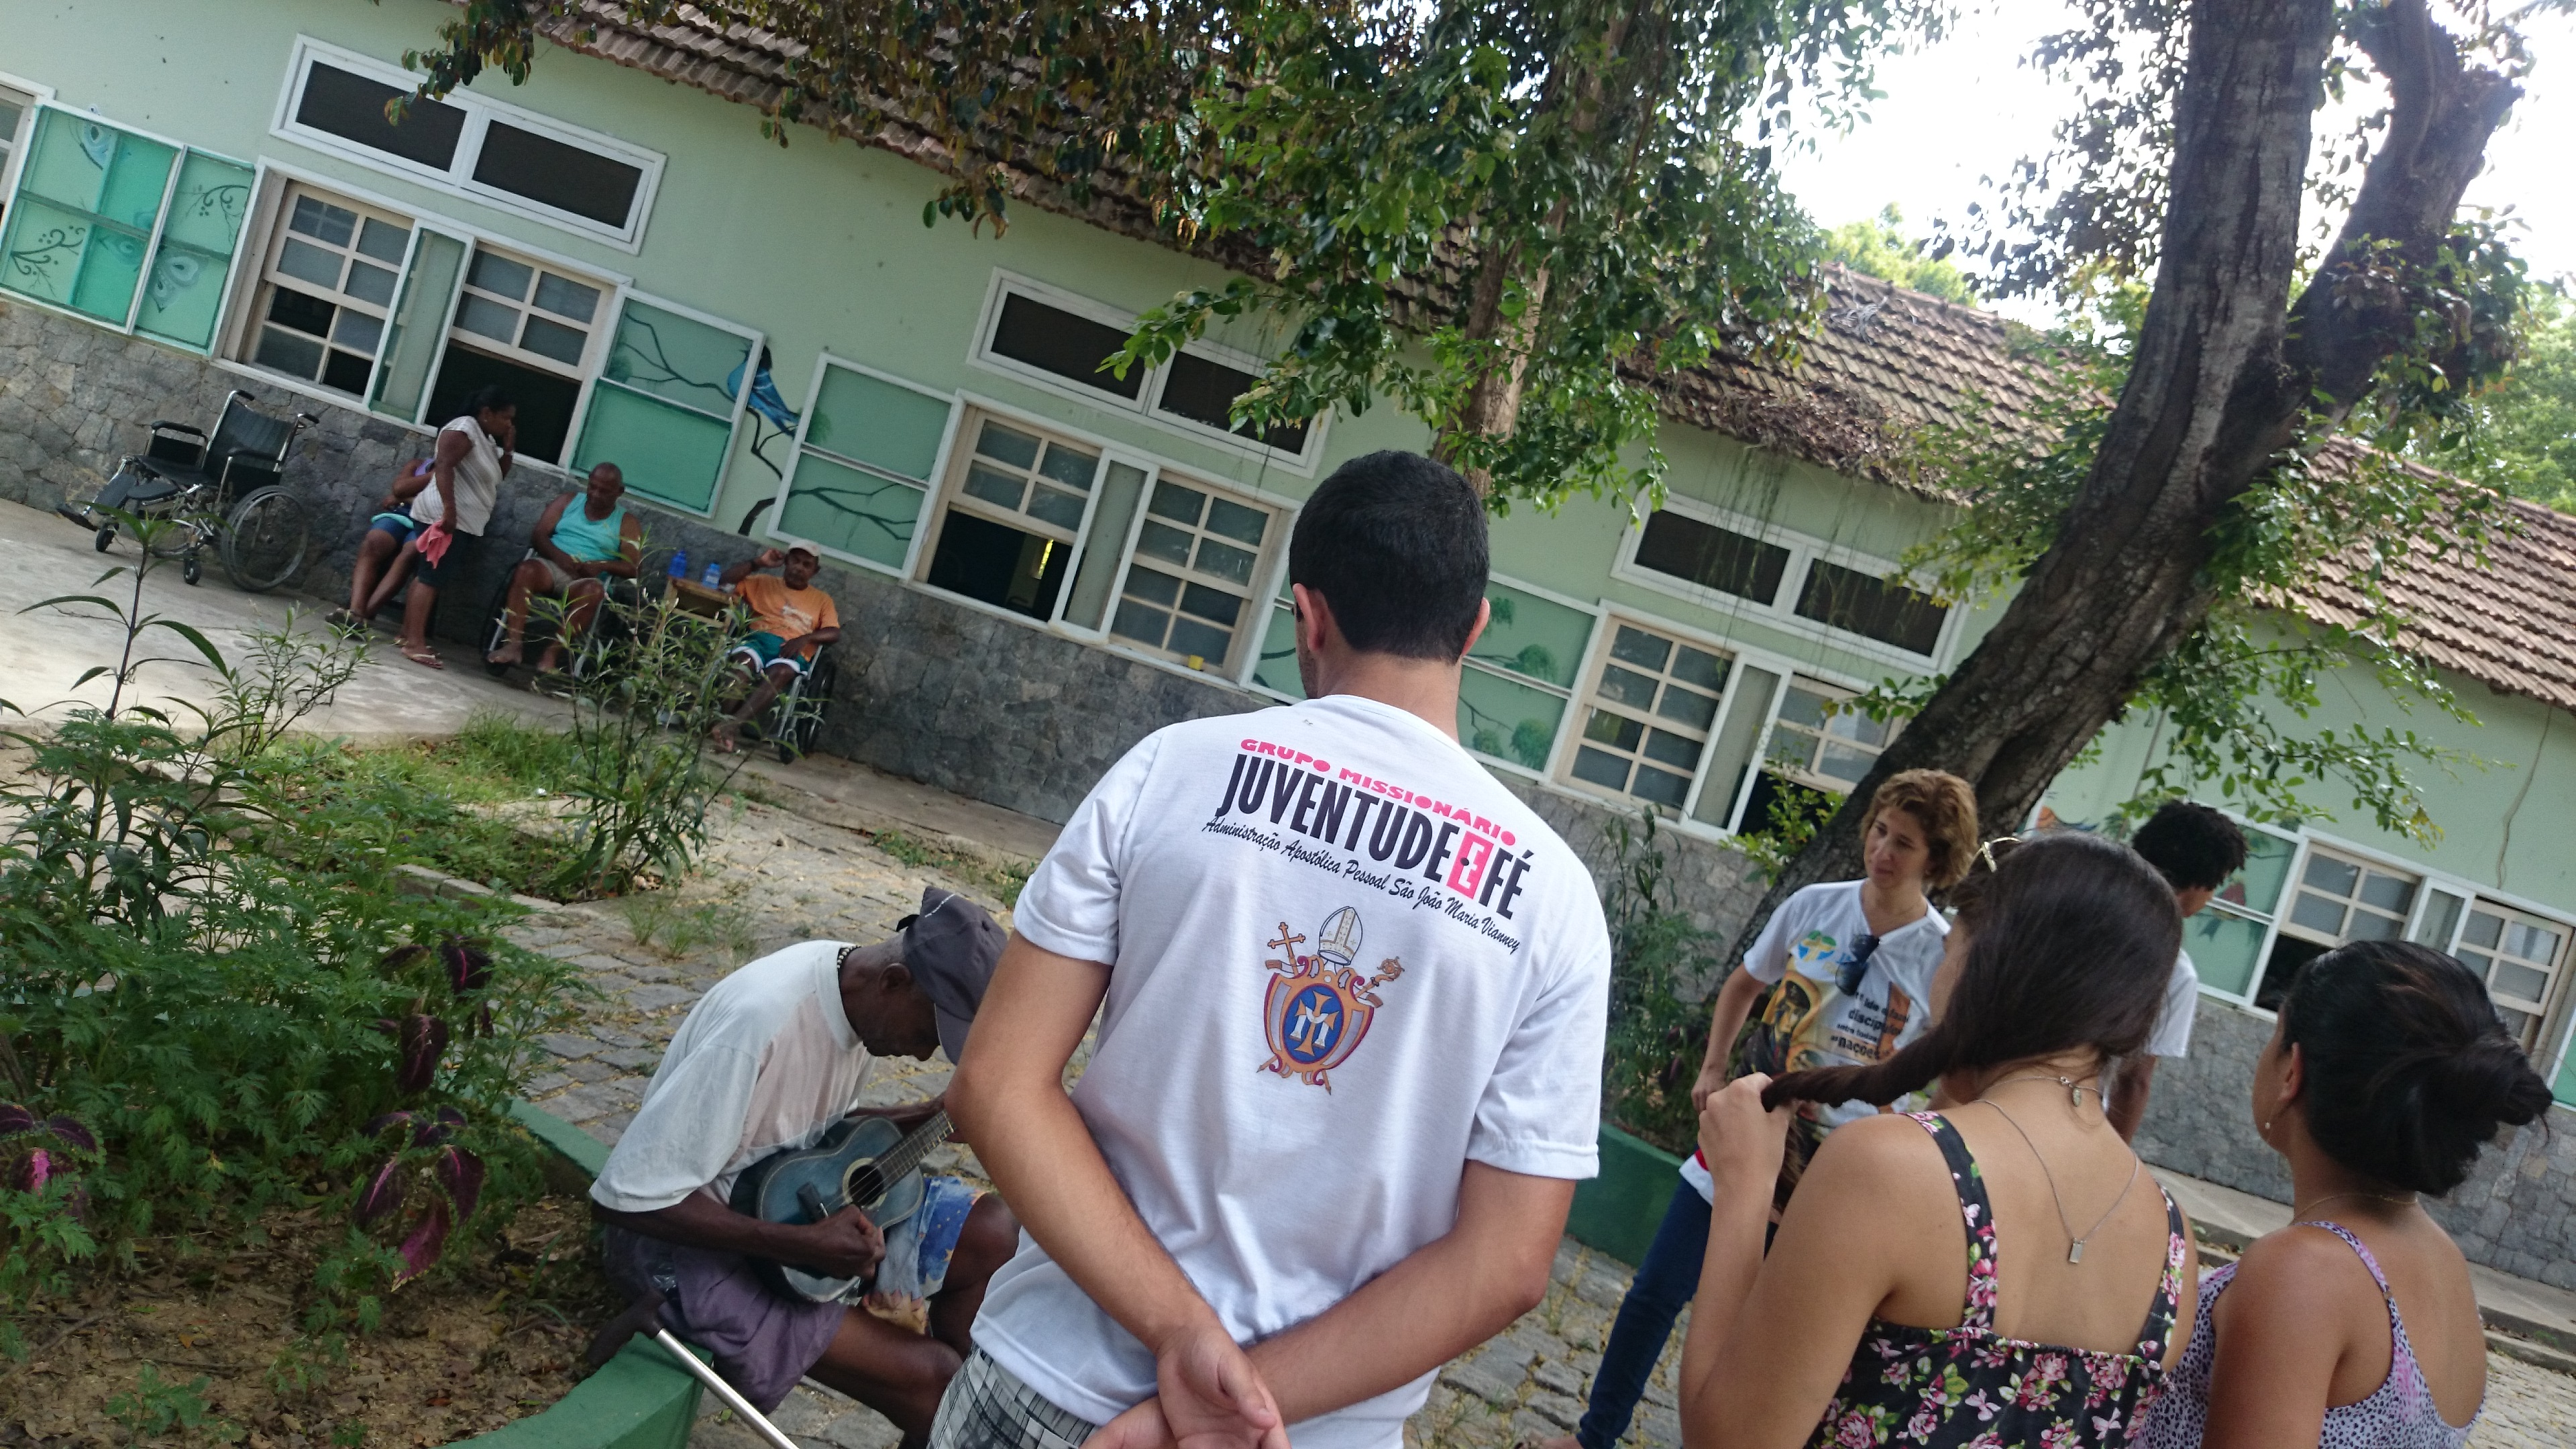 Grupo Missionário Juventude e Fé visita doentes no RJ